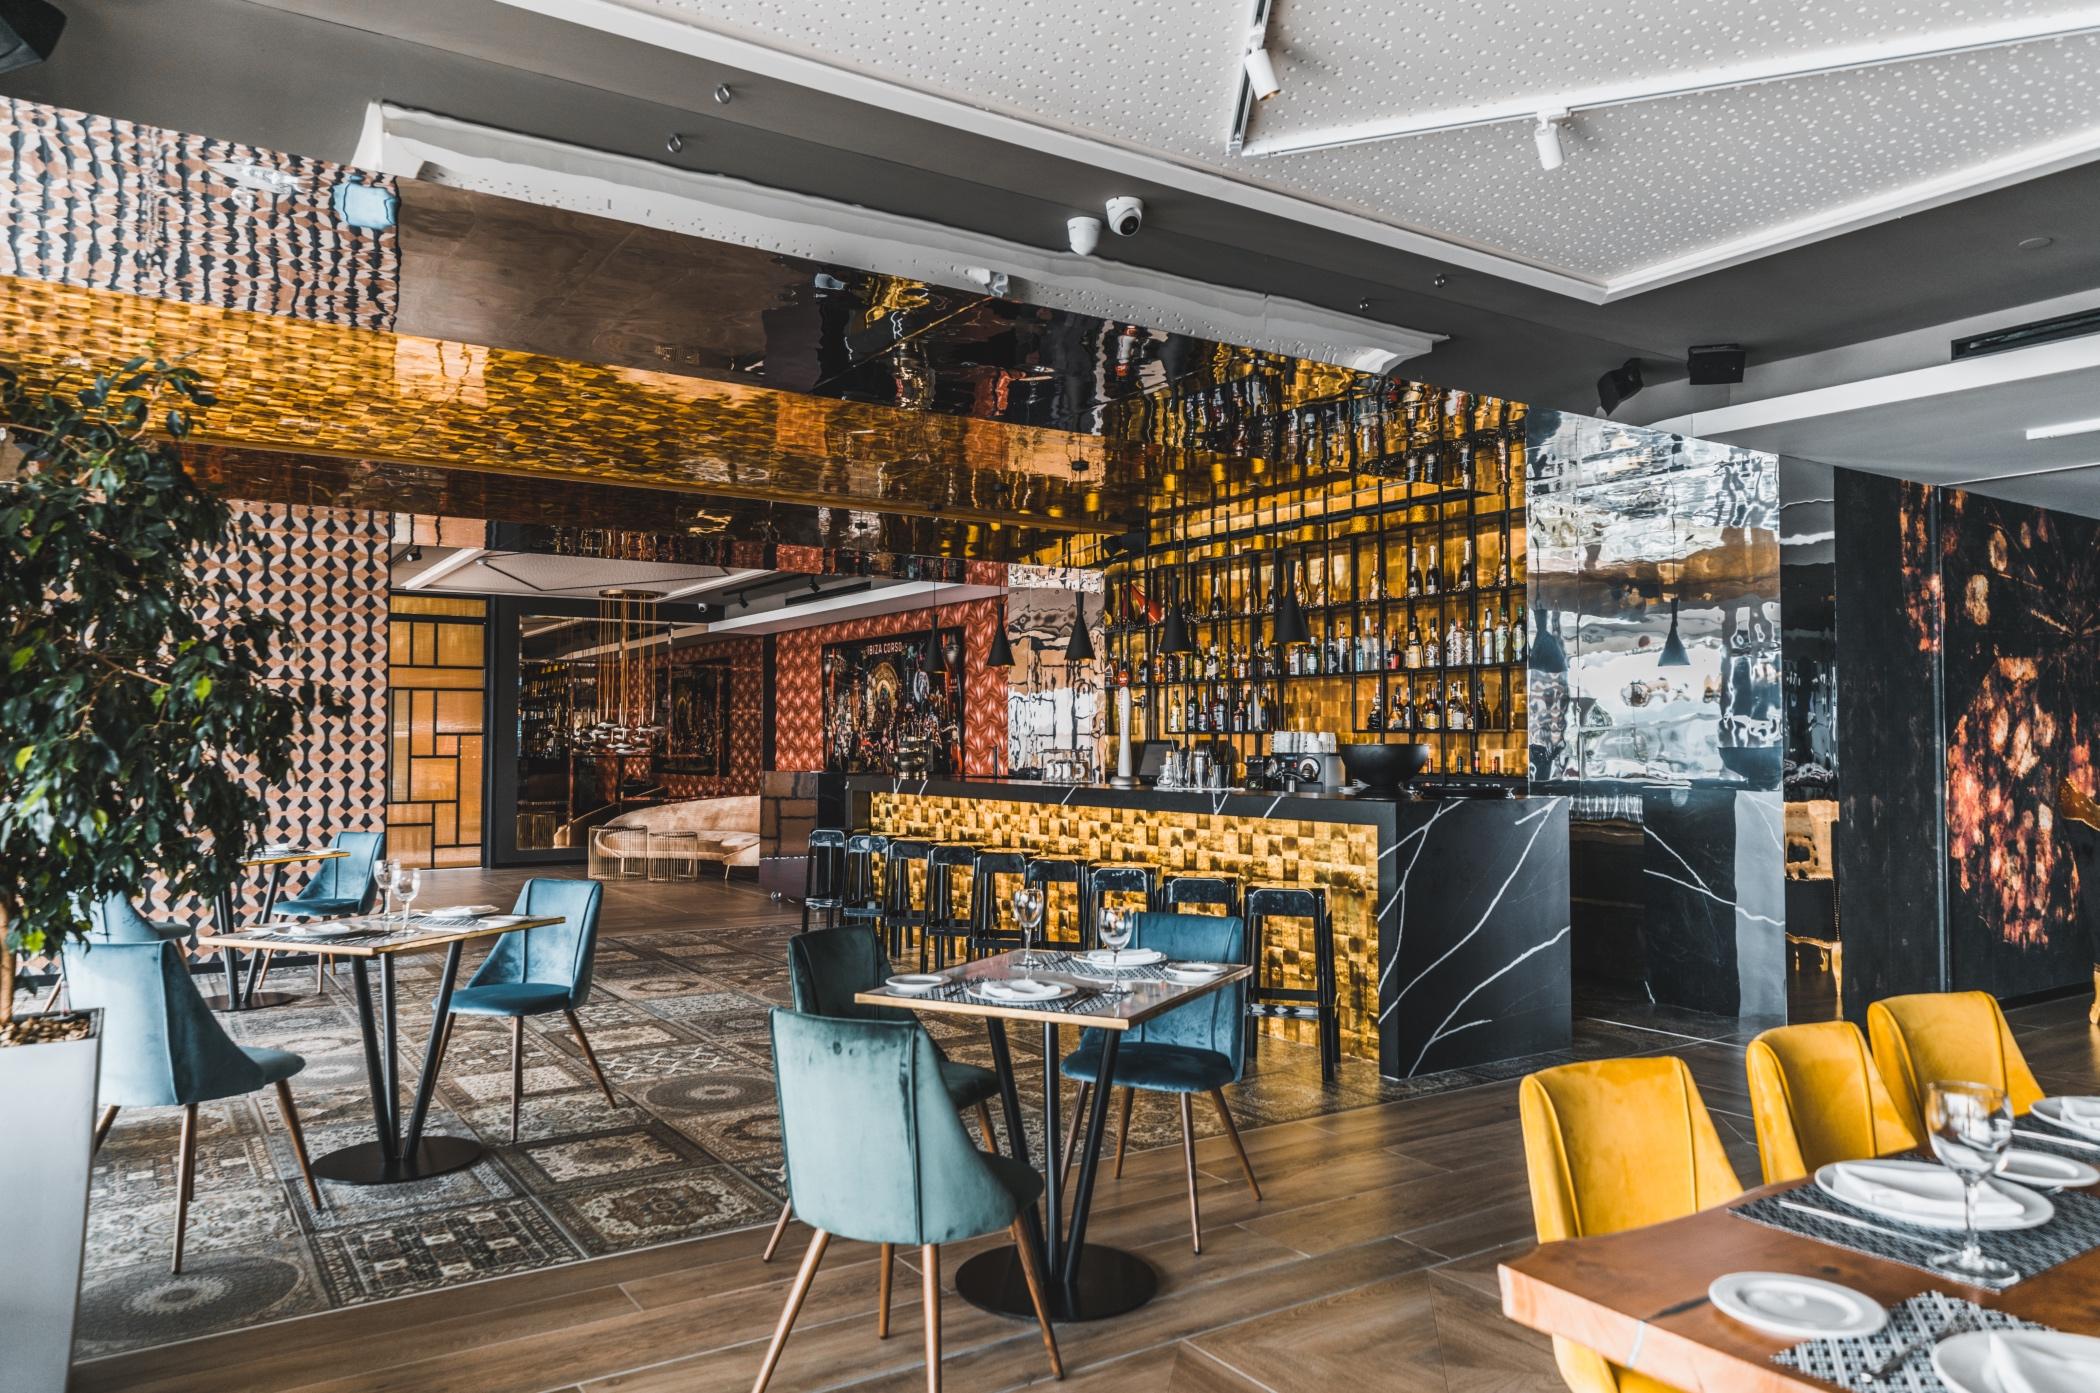 mejores-restaurantes-ibiza-corso-restaurante